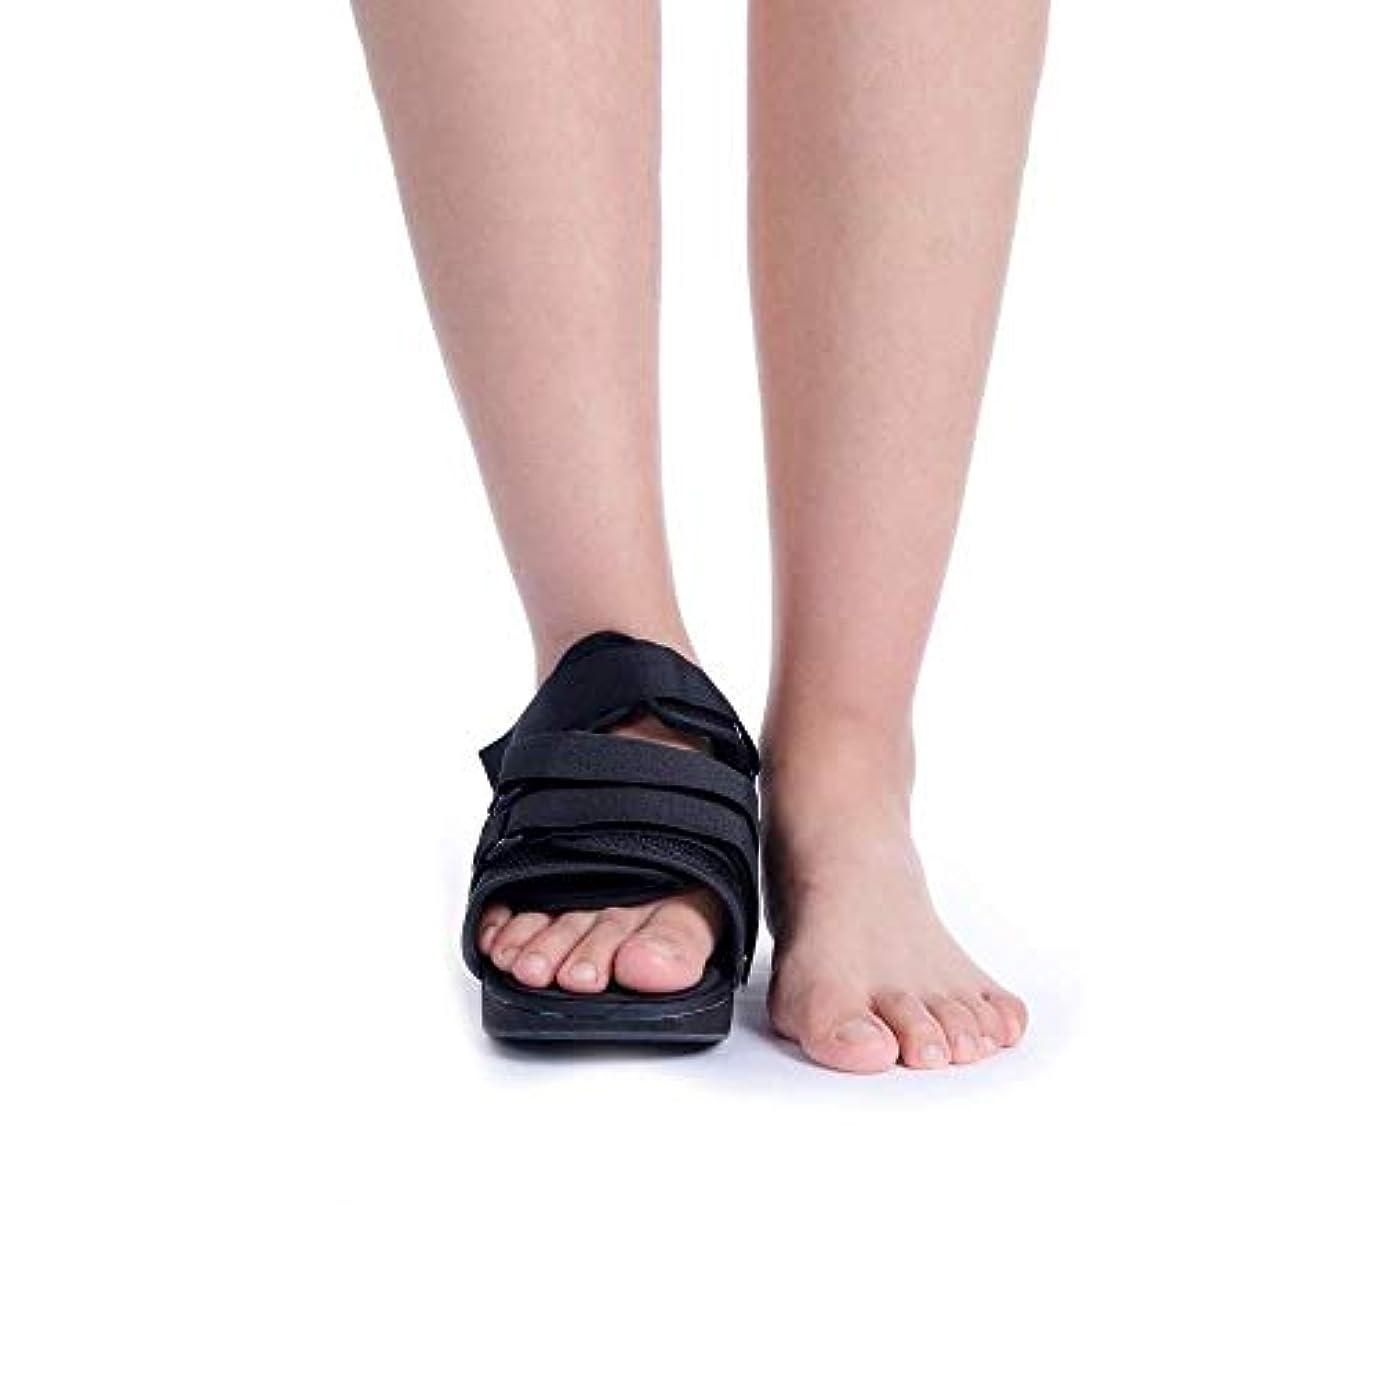 願望出くわす世界に死んだ術後靴 - 従来の履物を使用することができない場合に、足またはつま先の手術/手術に最適です。 (Size : S)